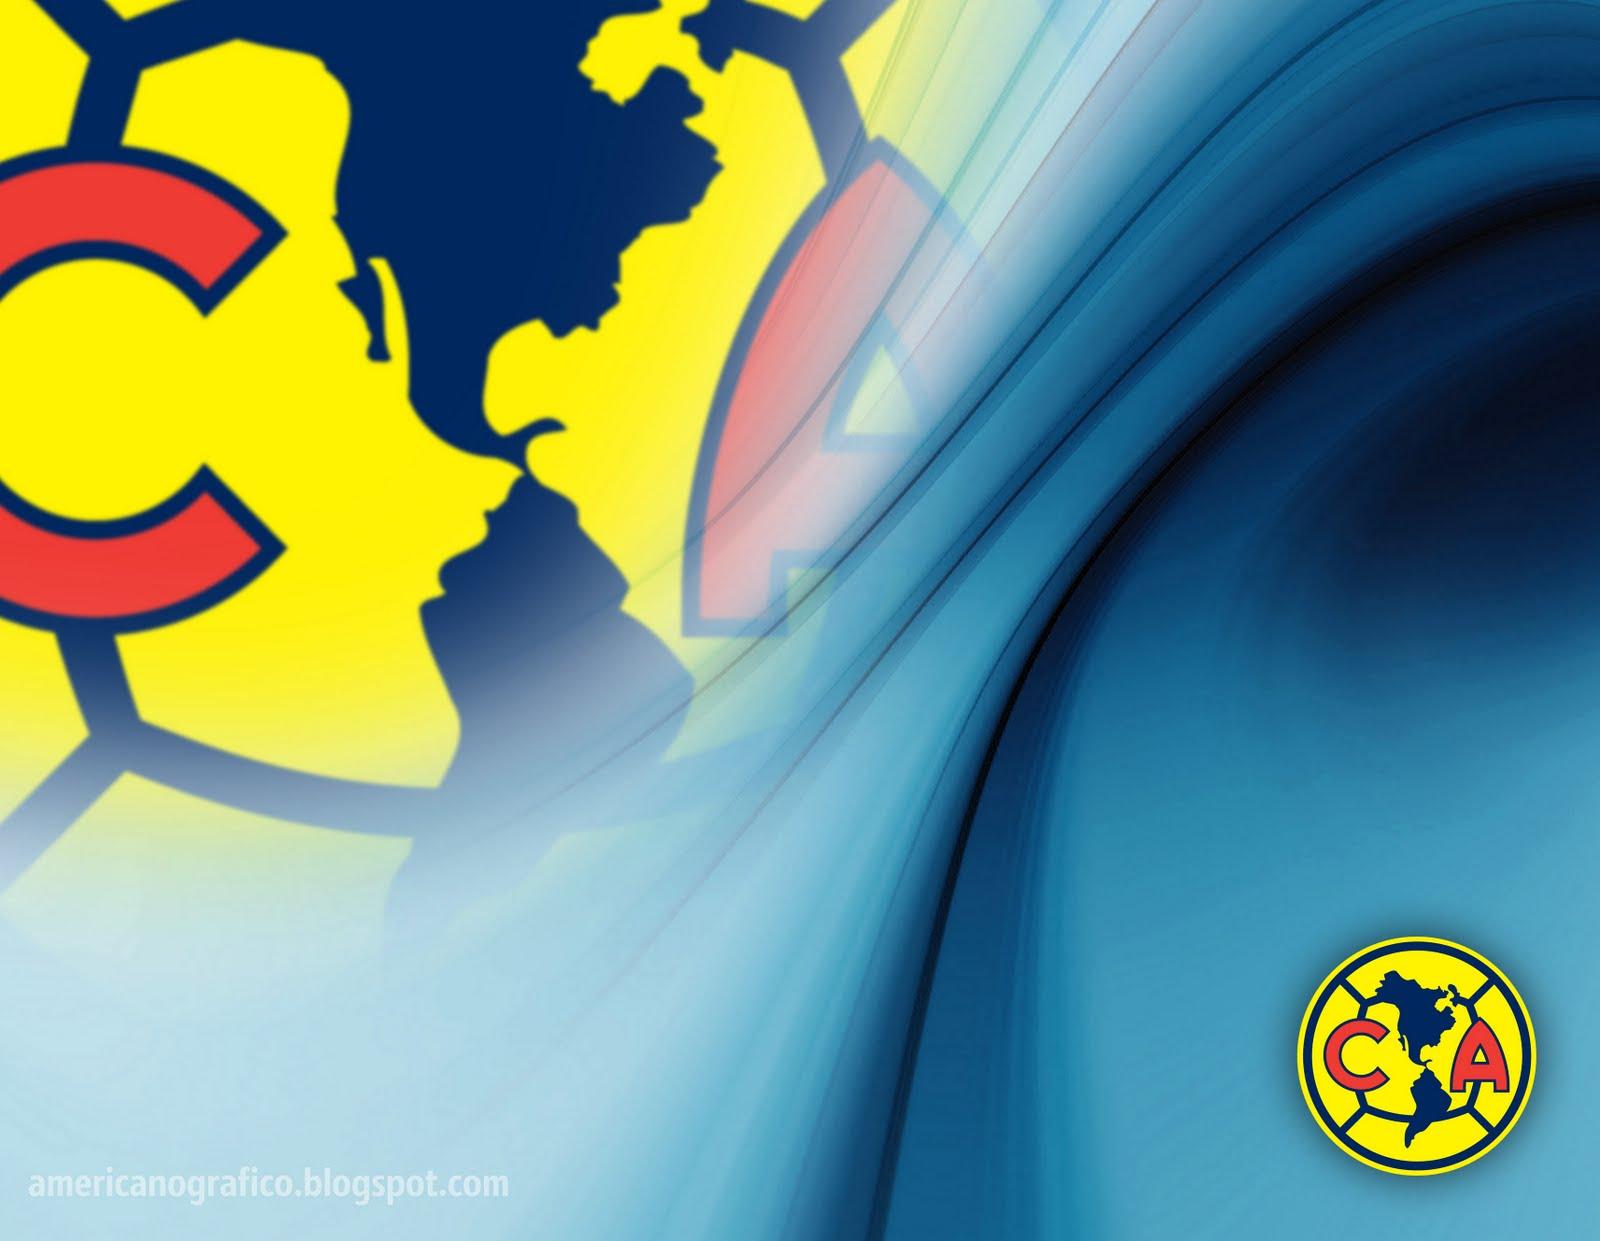 AMERICAnografico Club Amrica HD [01122011CTG] 1600x1241